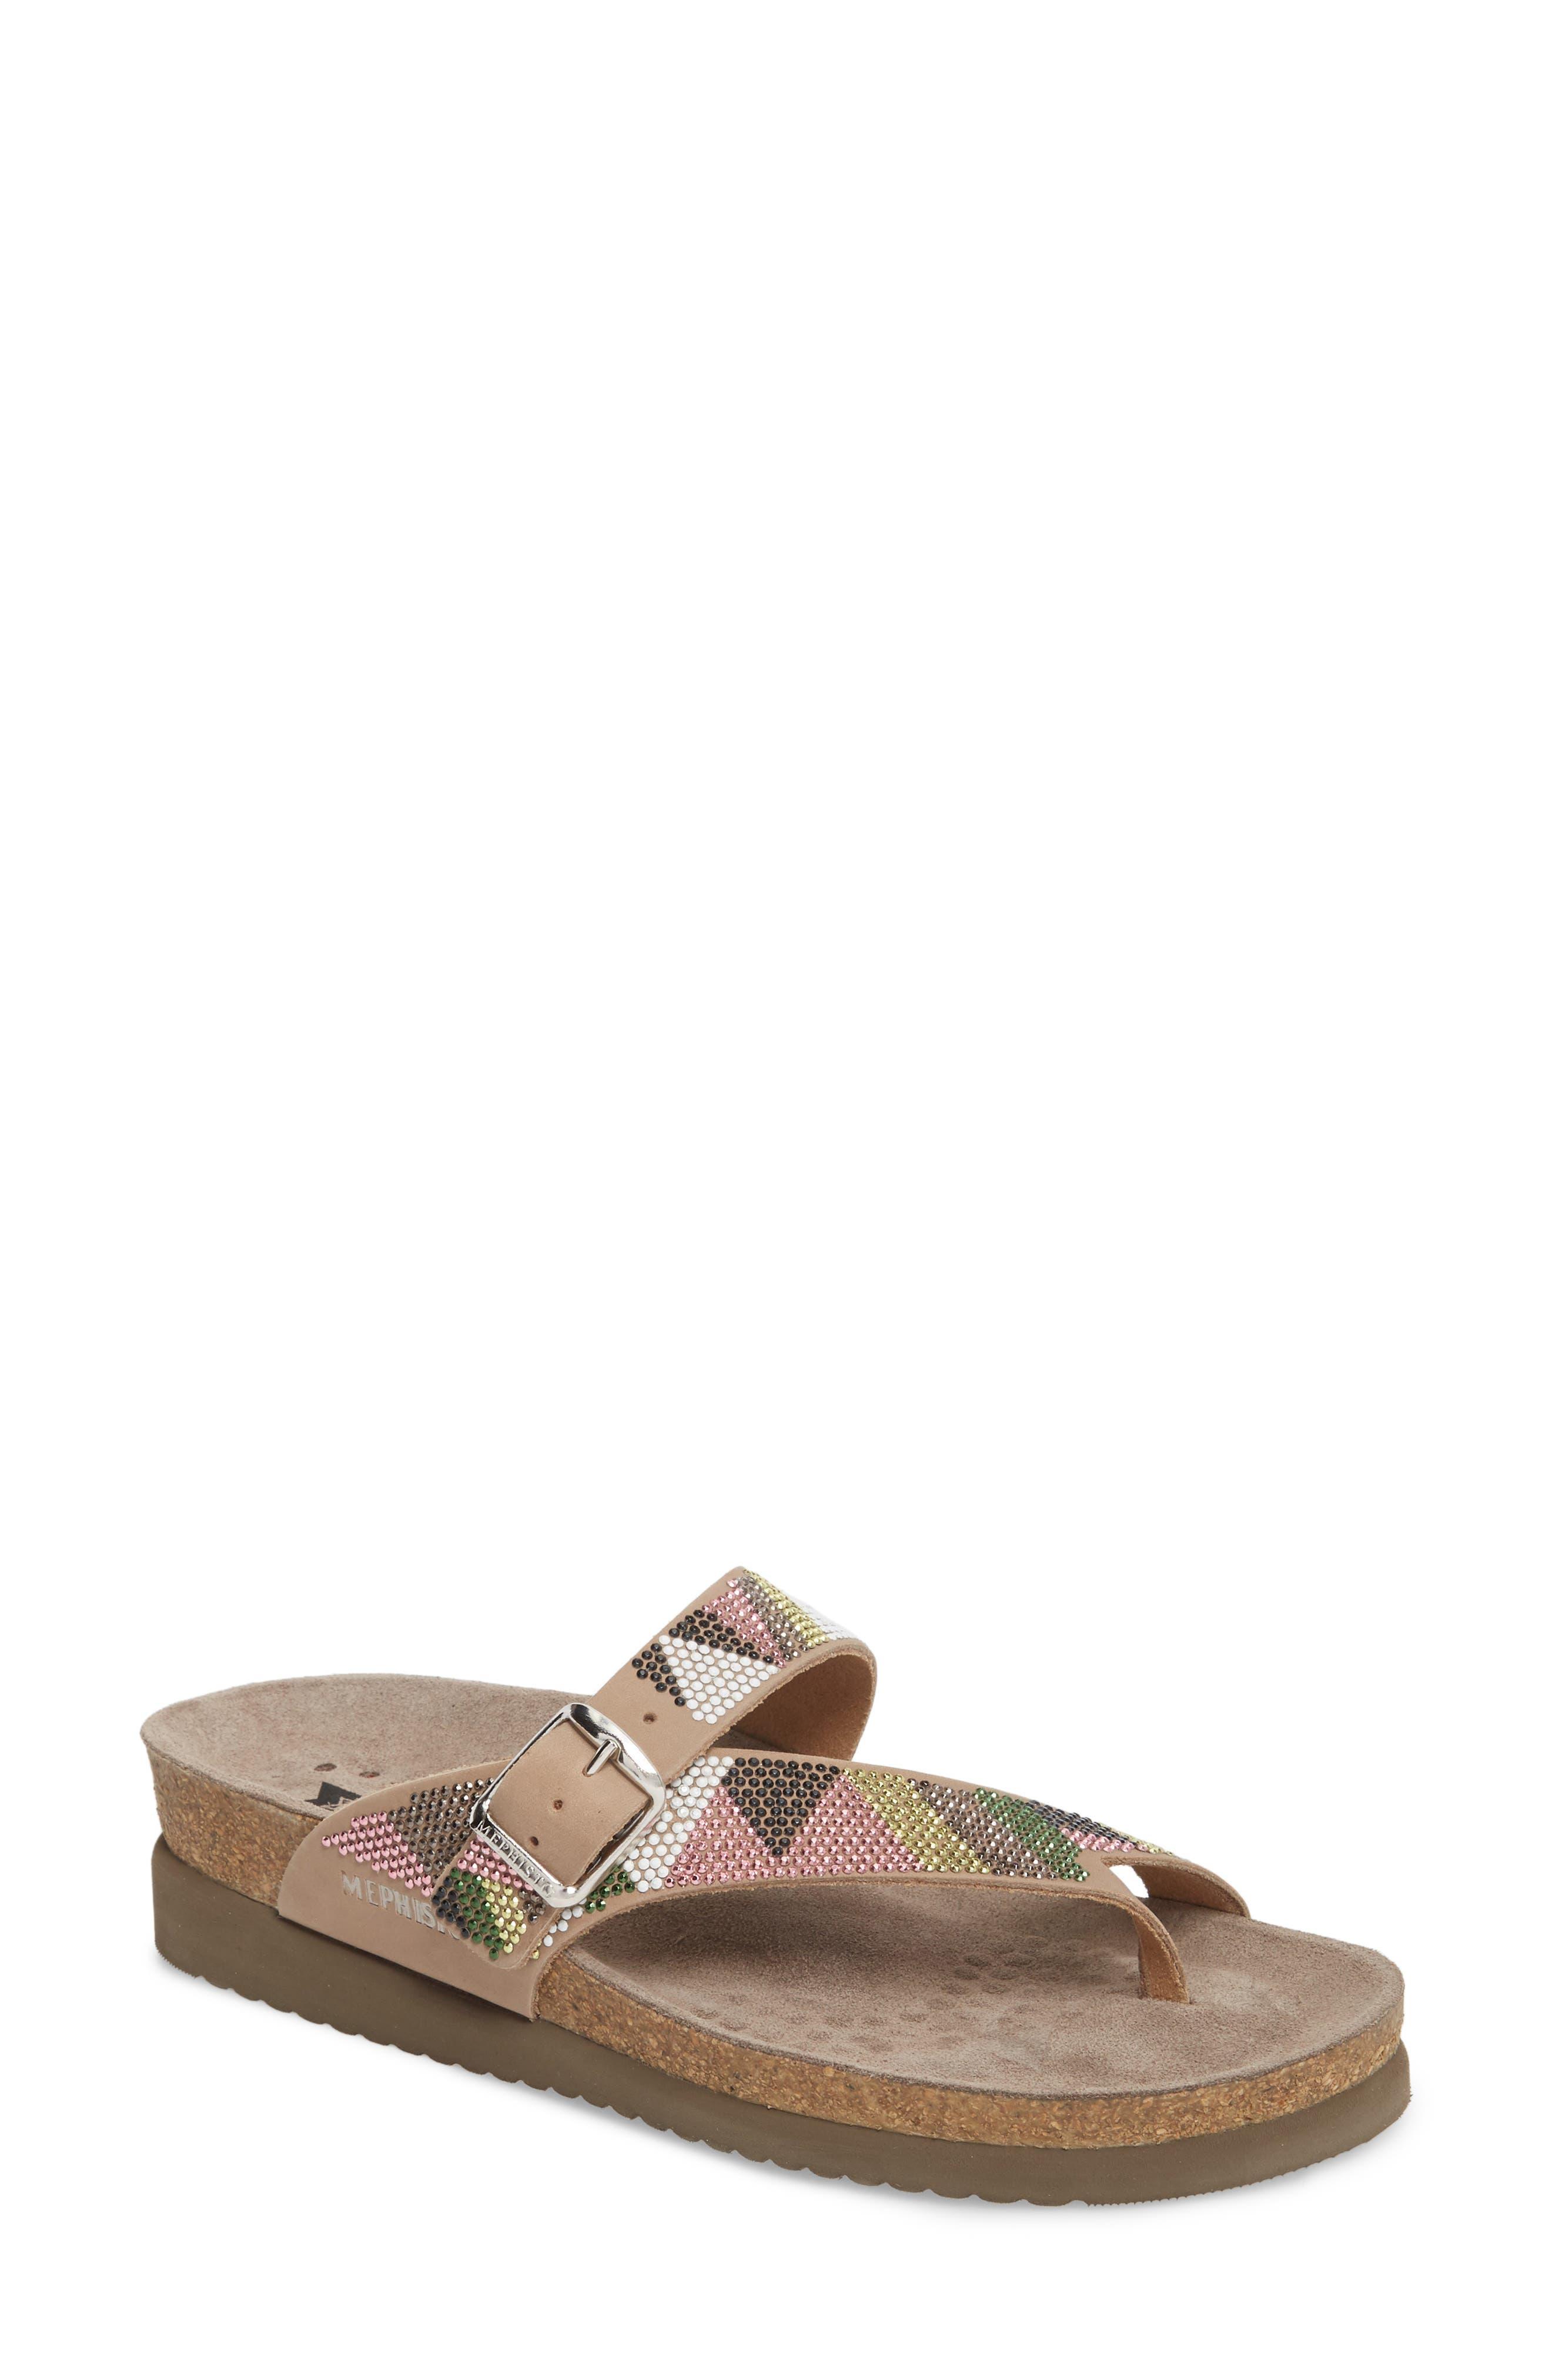 Helen Slide Sandal,                         Main,                         color, Taupe/ Green/ Pink